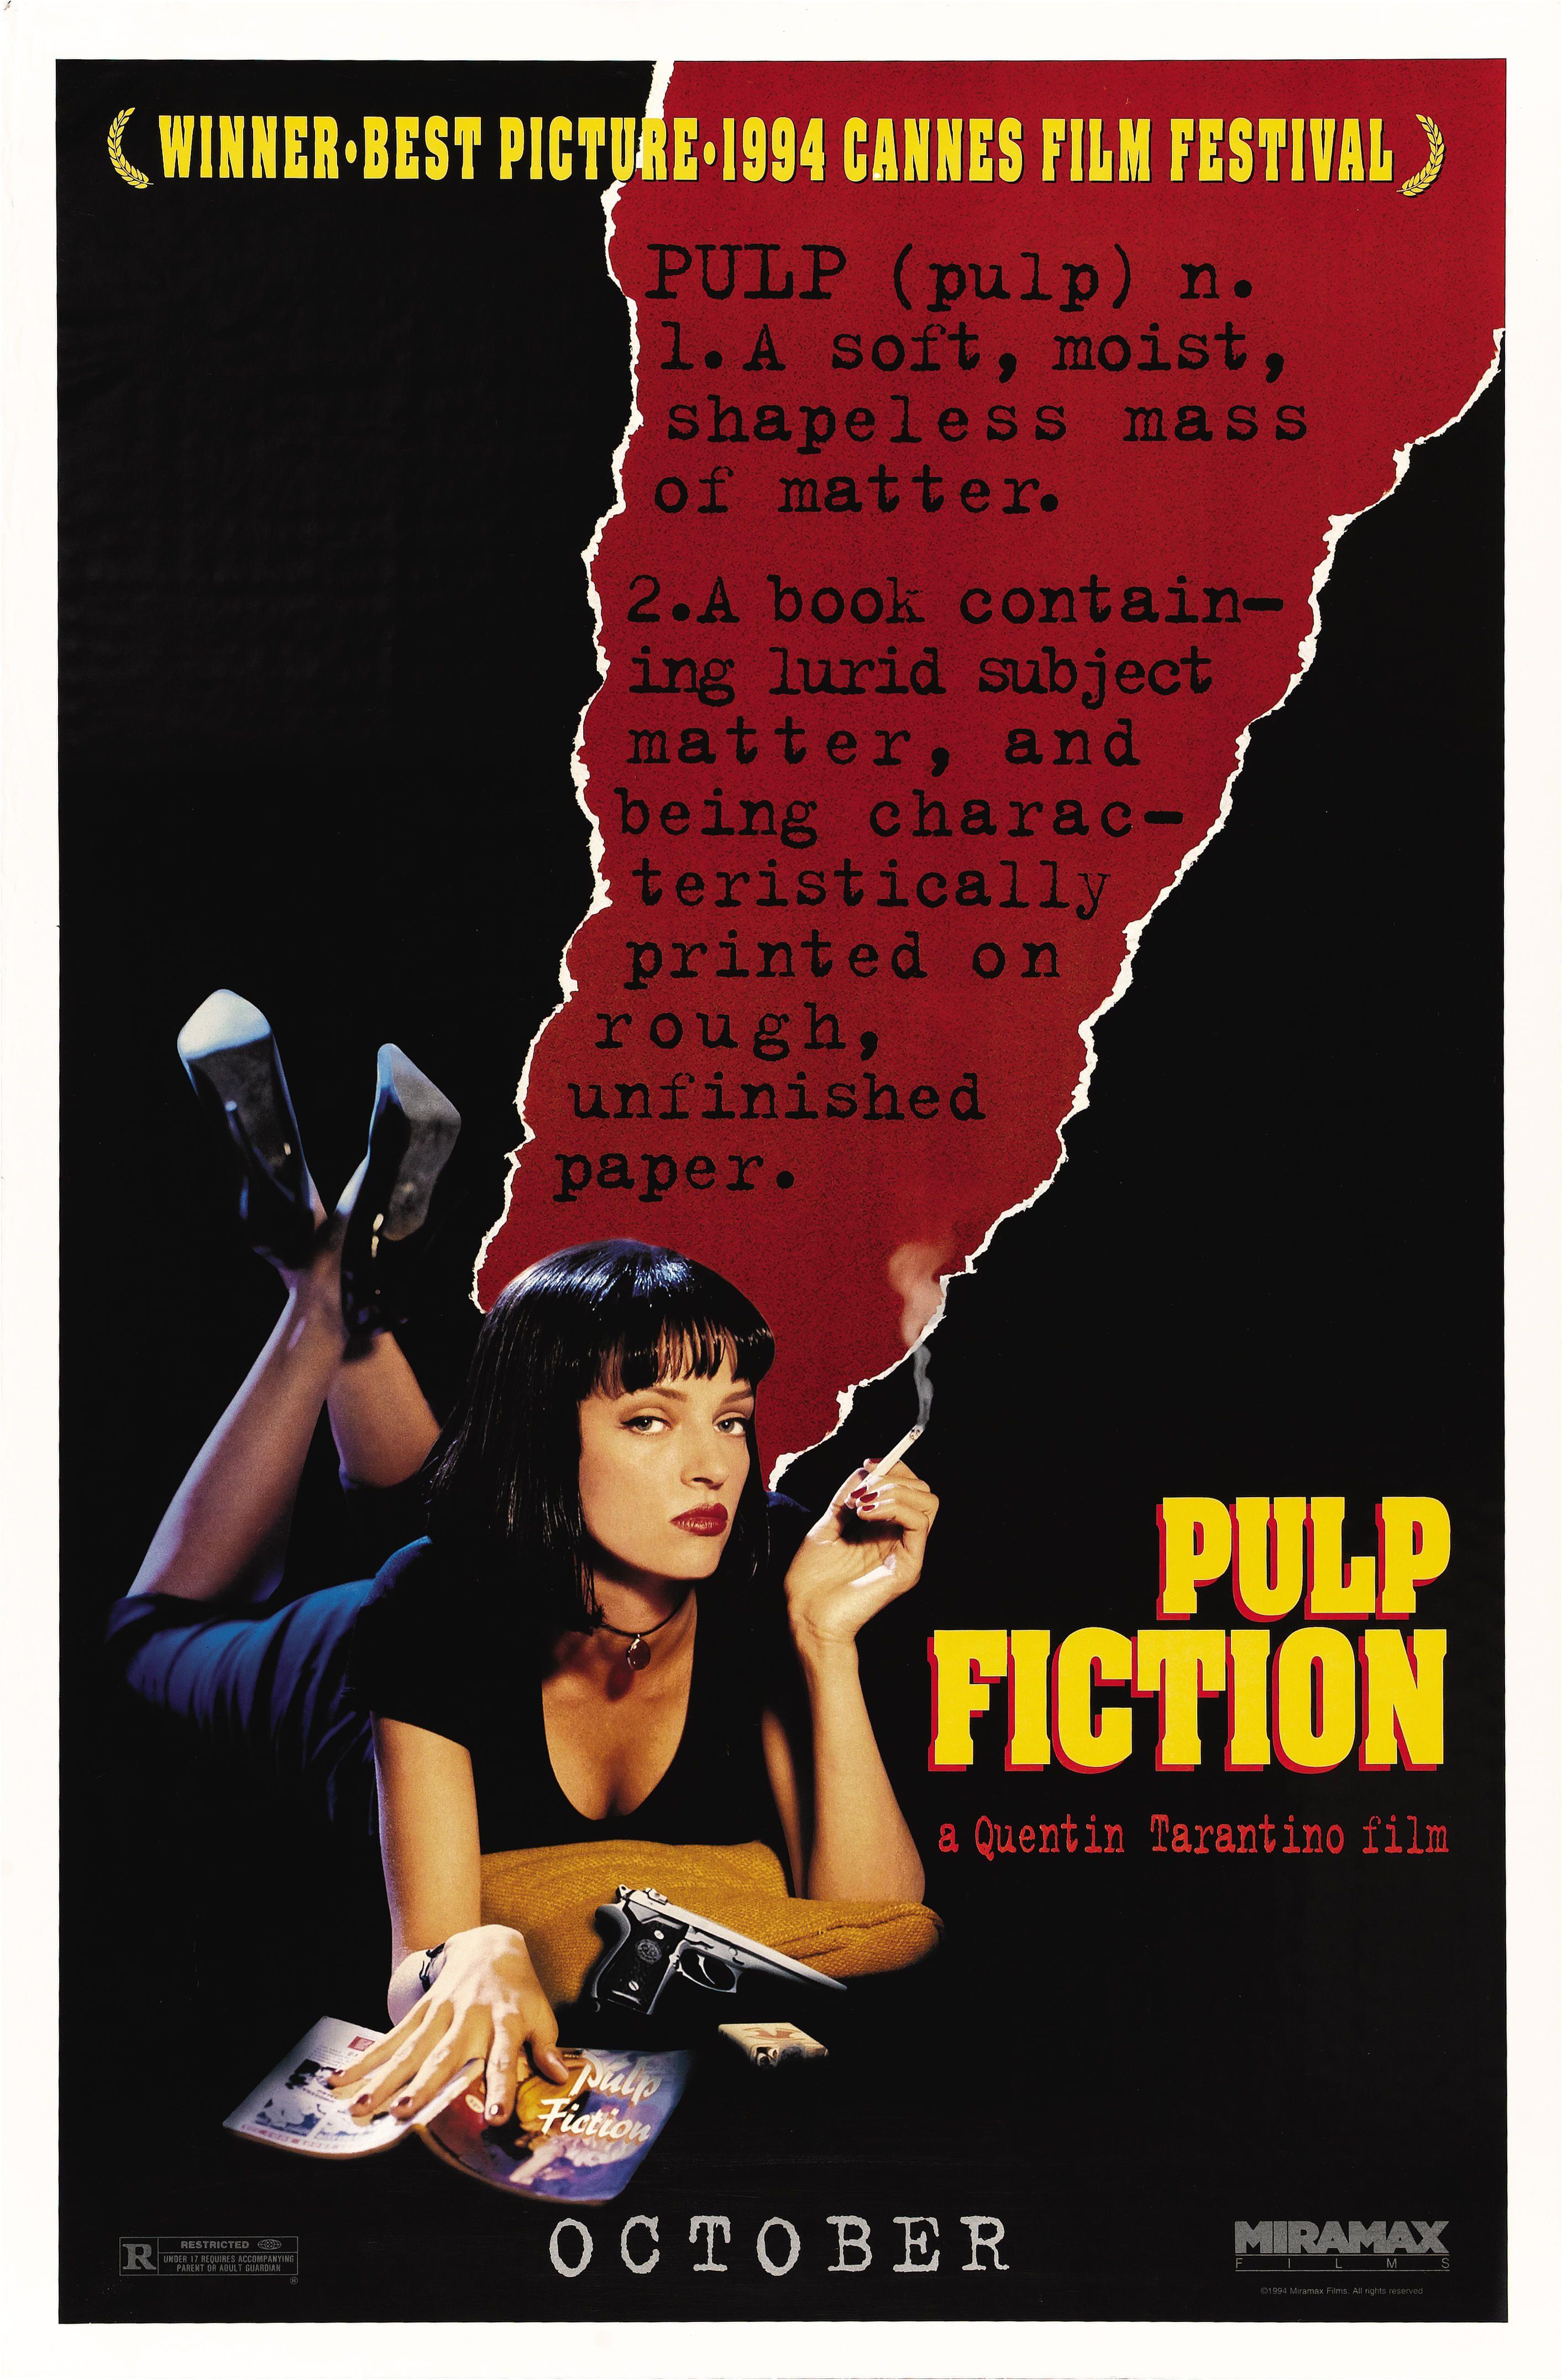 Pulp Fiction http://www.imdb.com/title/tt0110912/